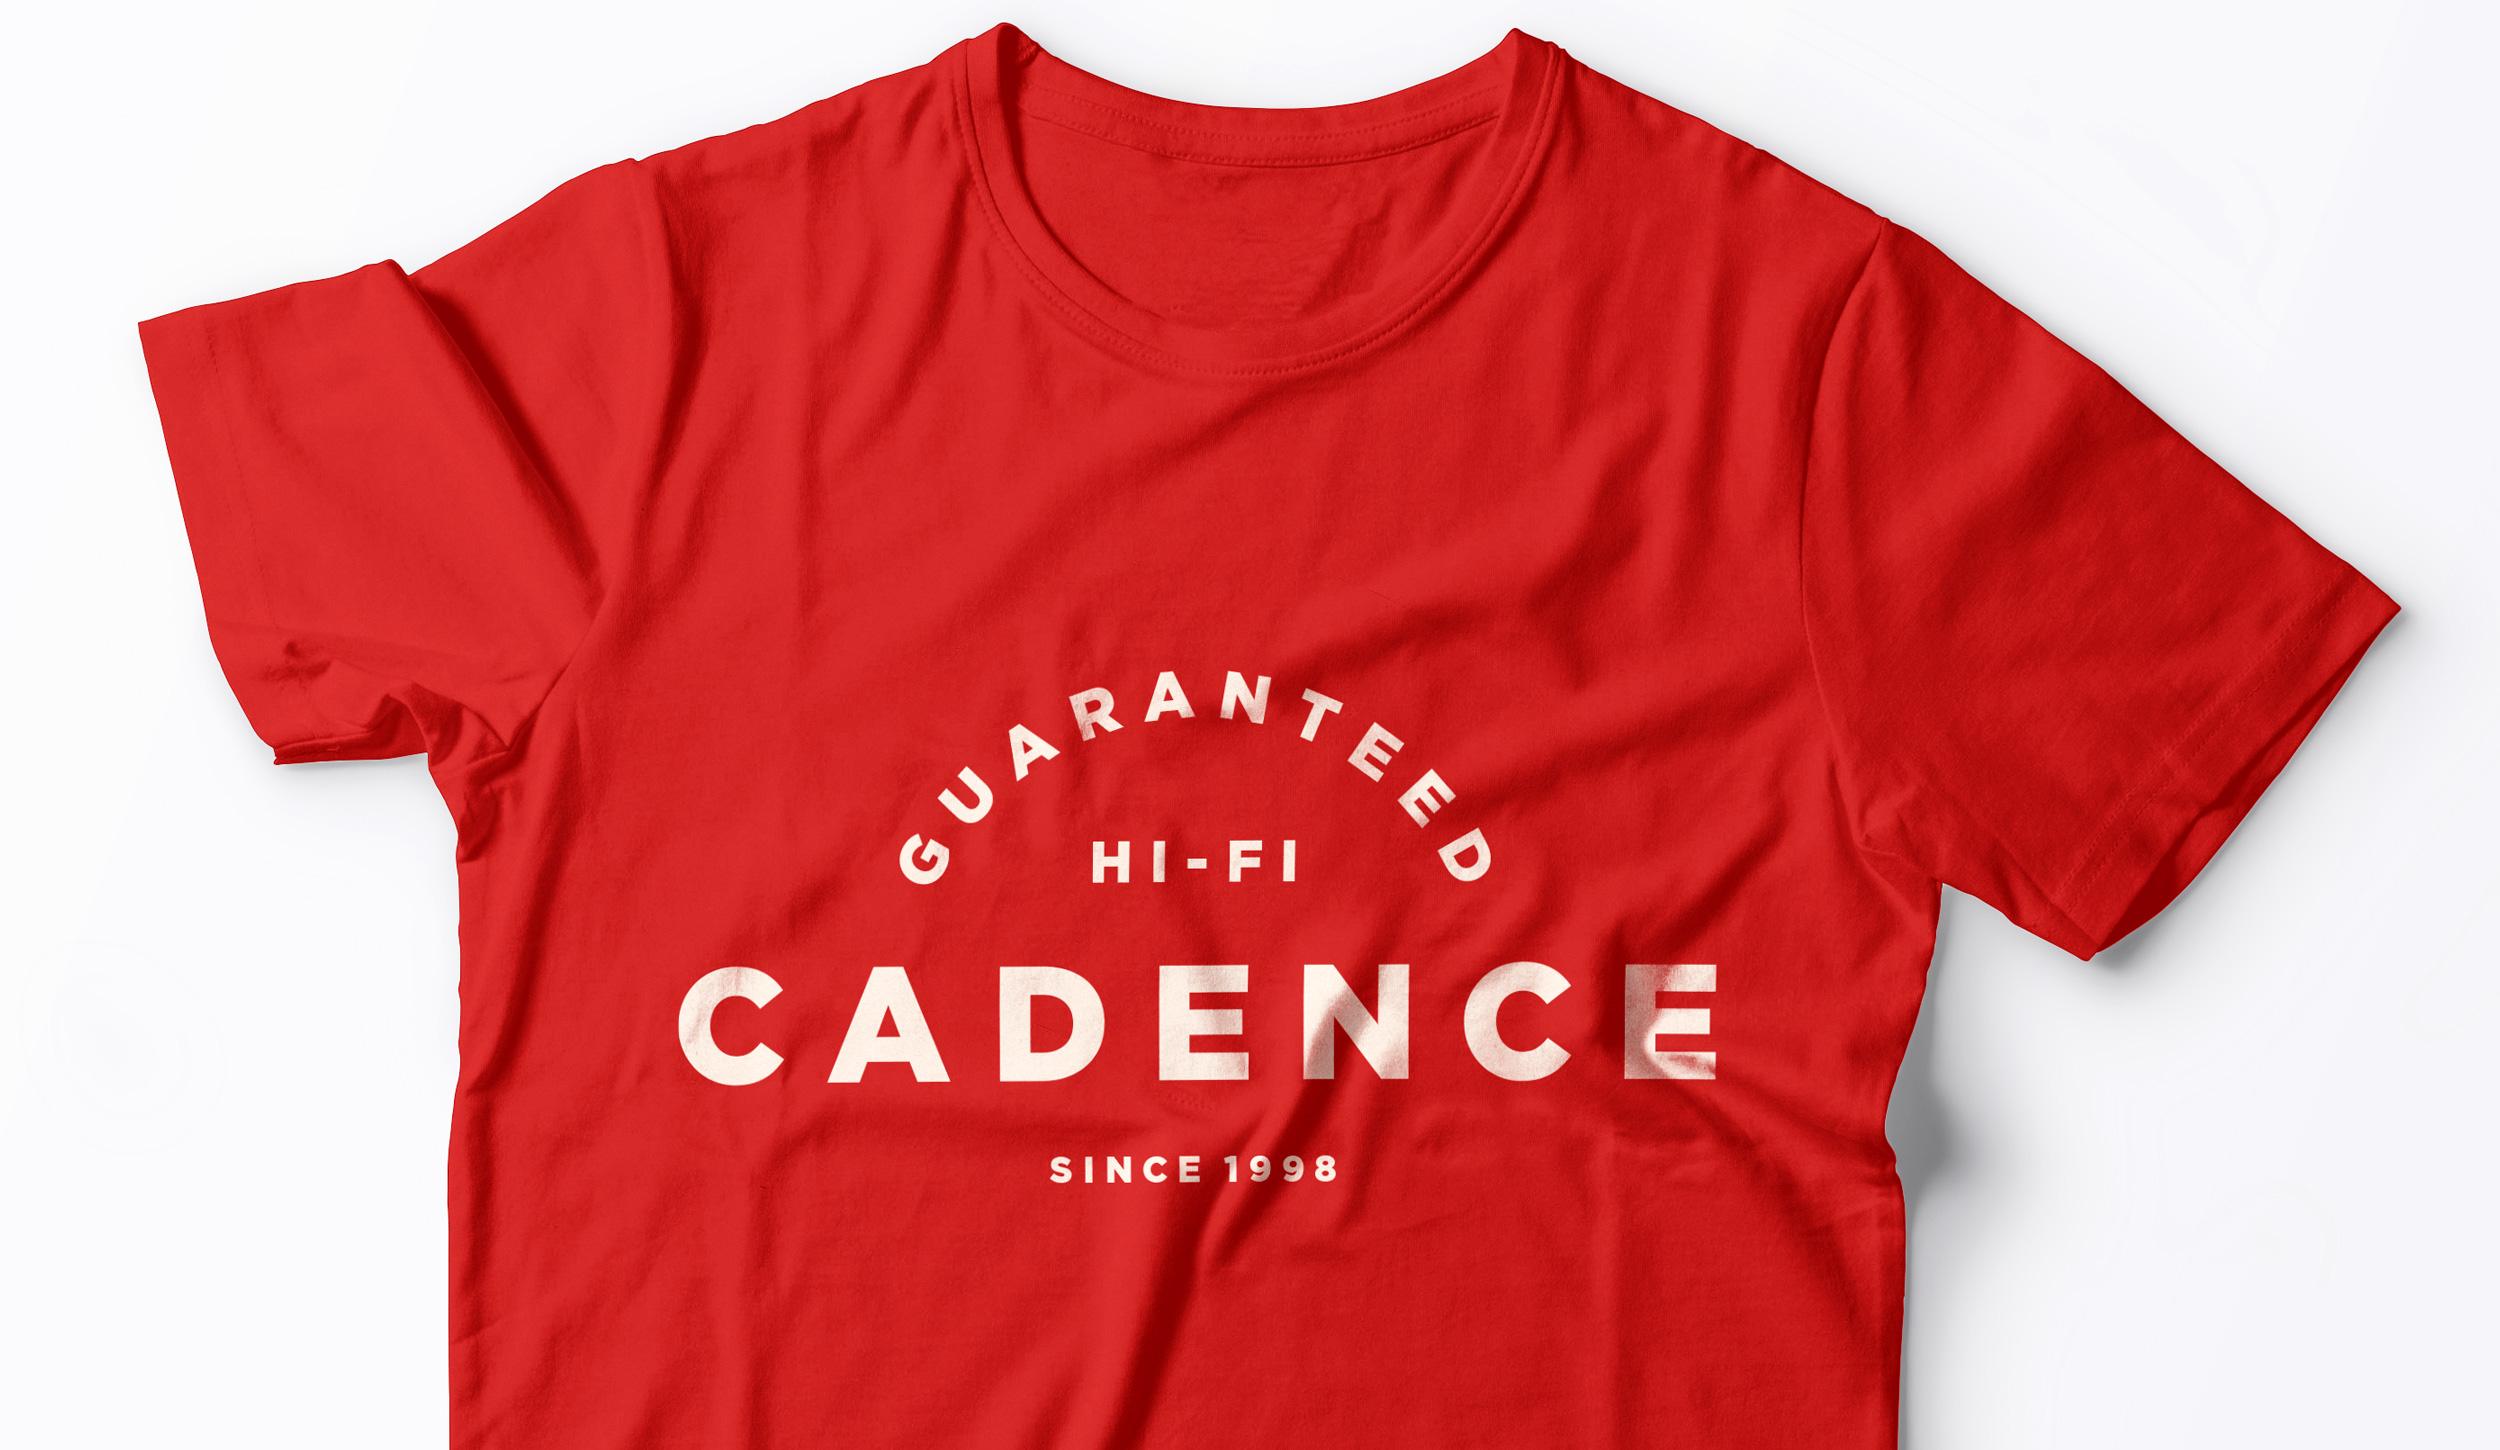 Cadence-tshirt1.jpg